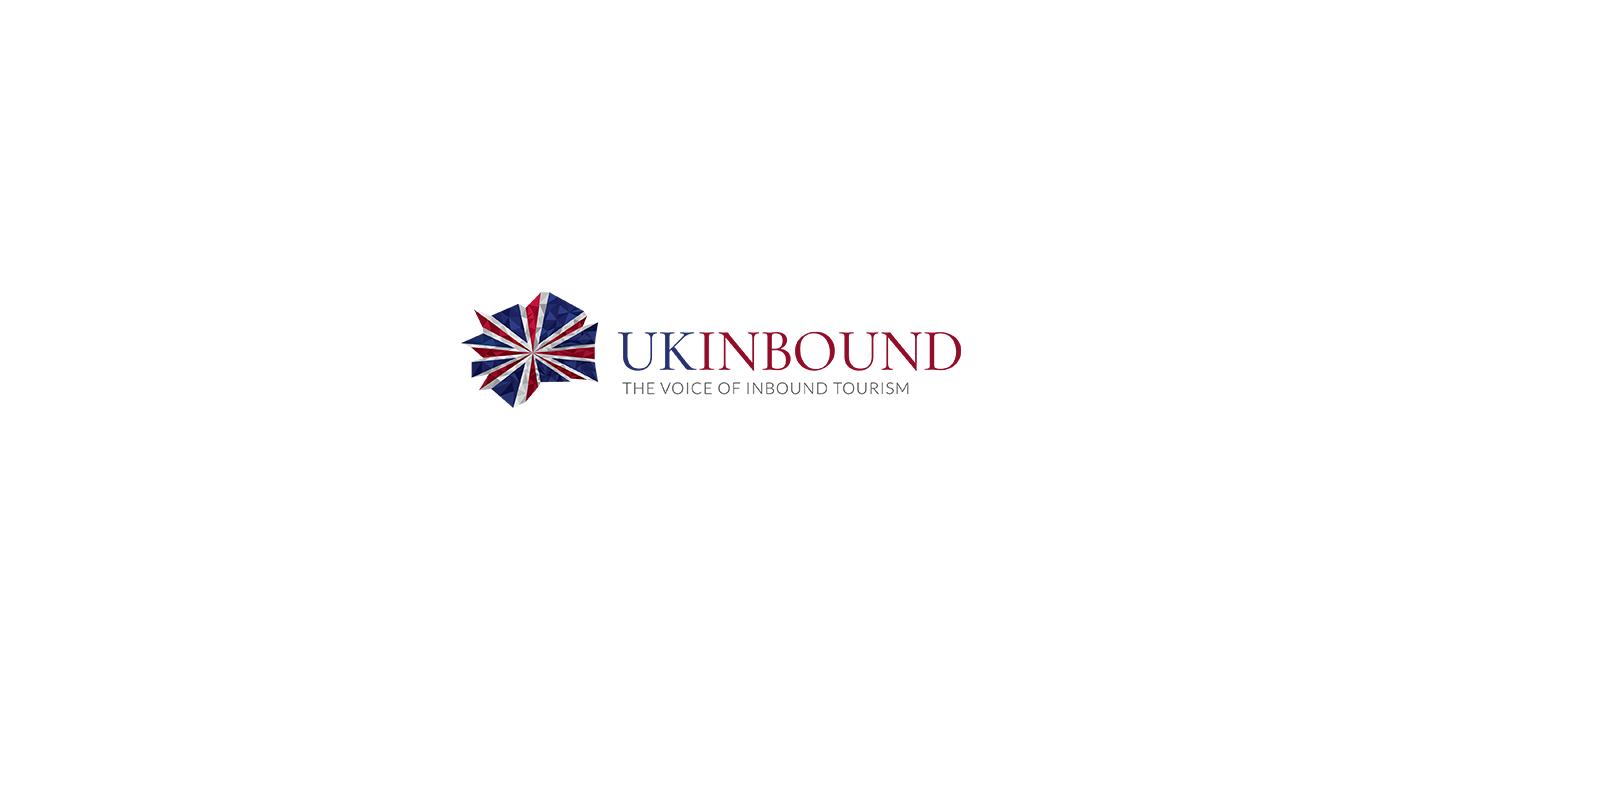 Budget: UKInbound seeks coach support